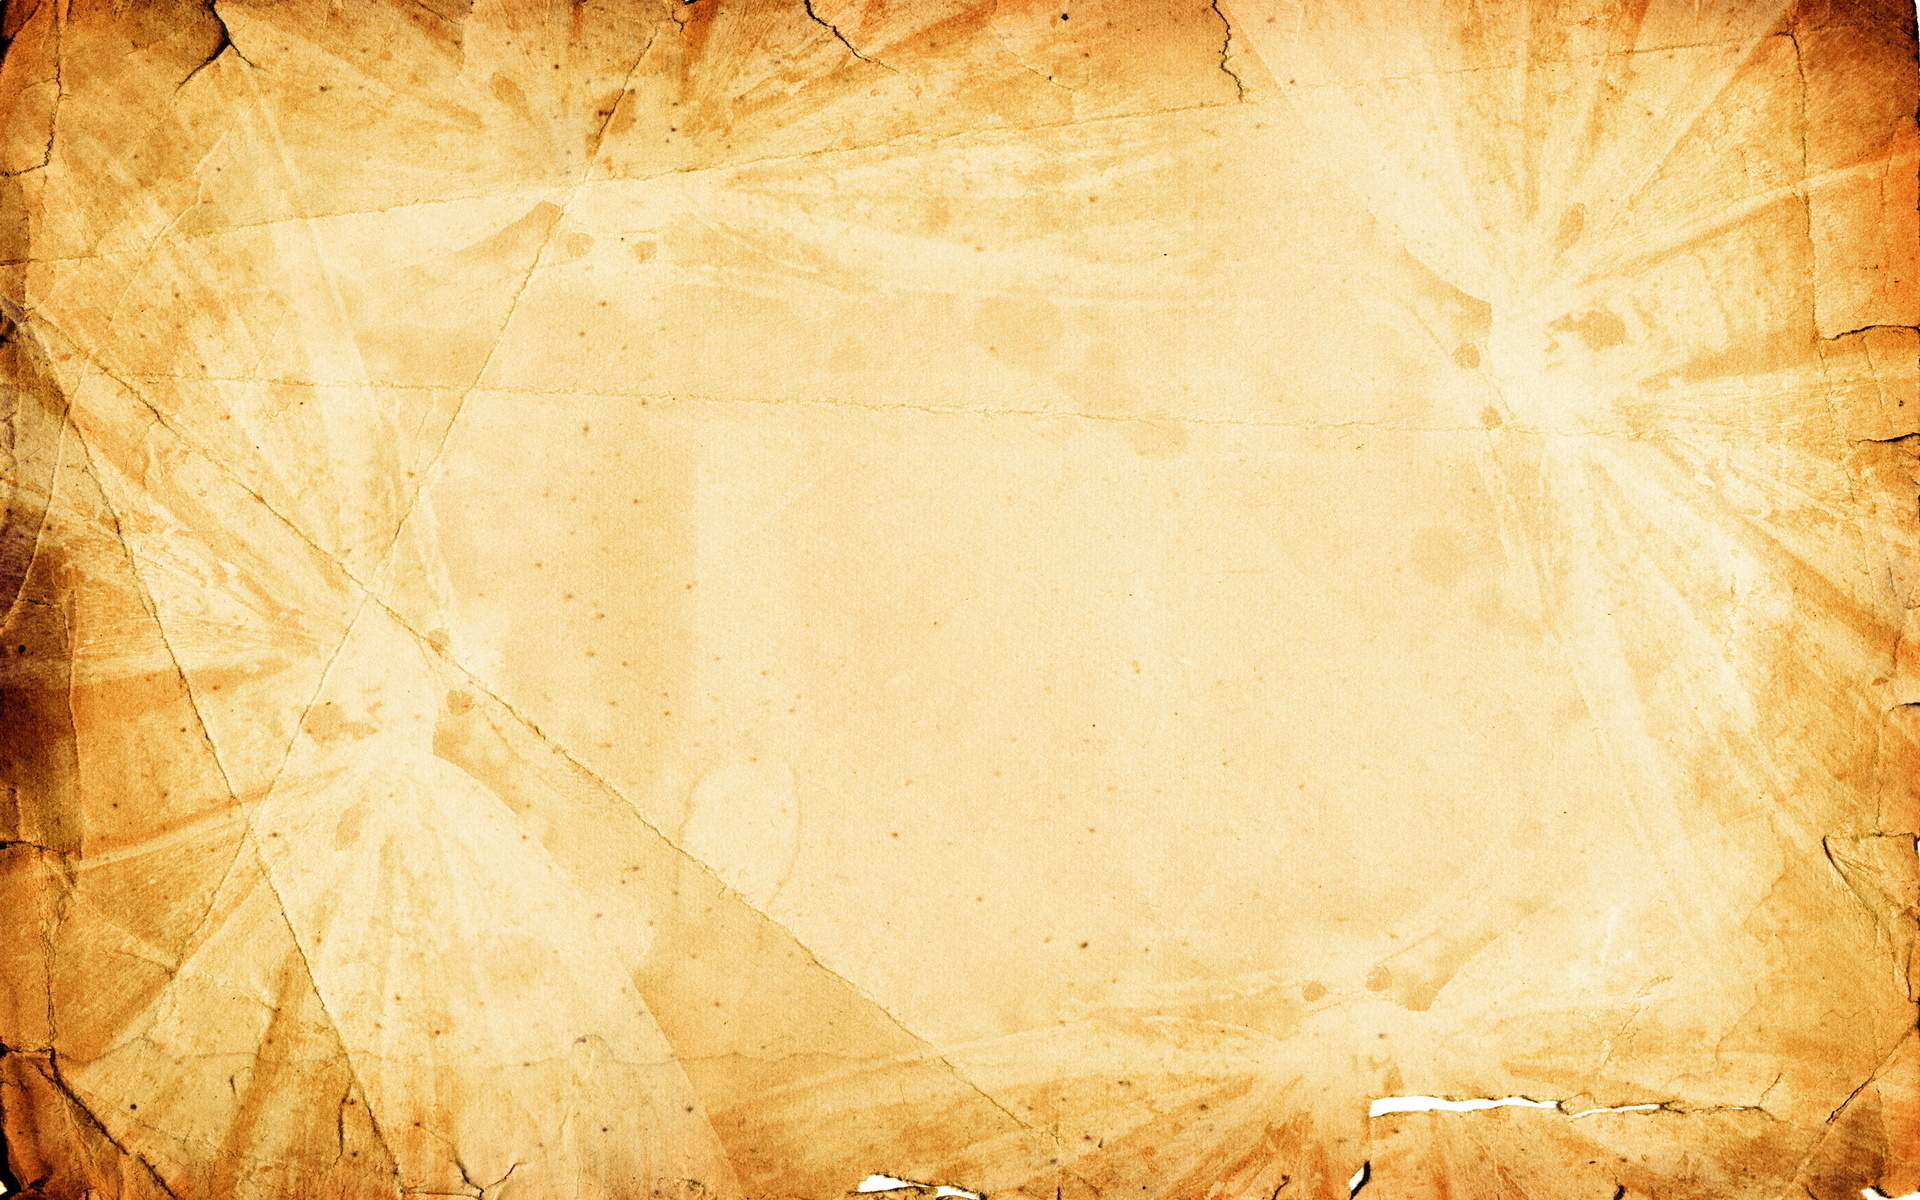 Texture fond d 39 cran hd arri re plan 1920x1200 id for Fond ecran casa de papel